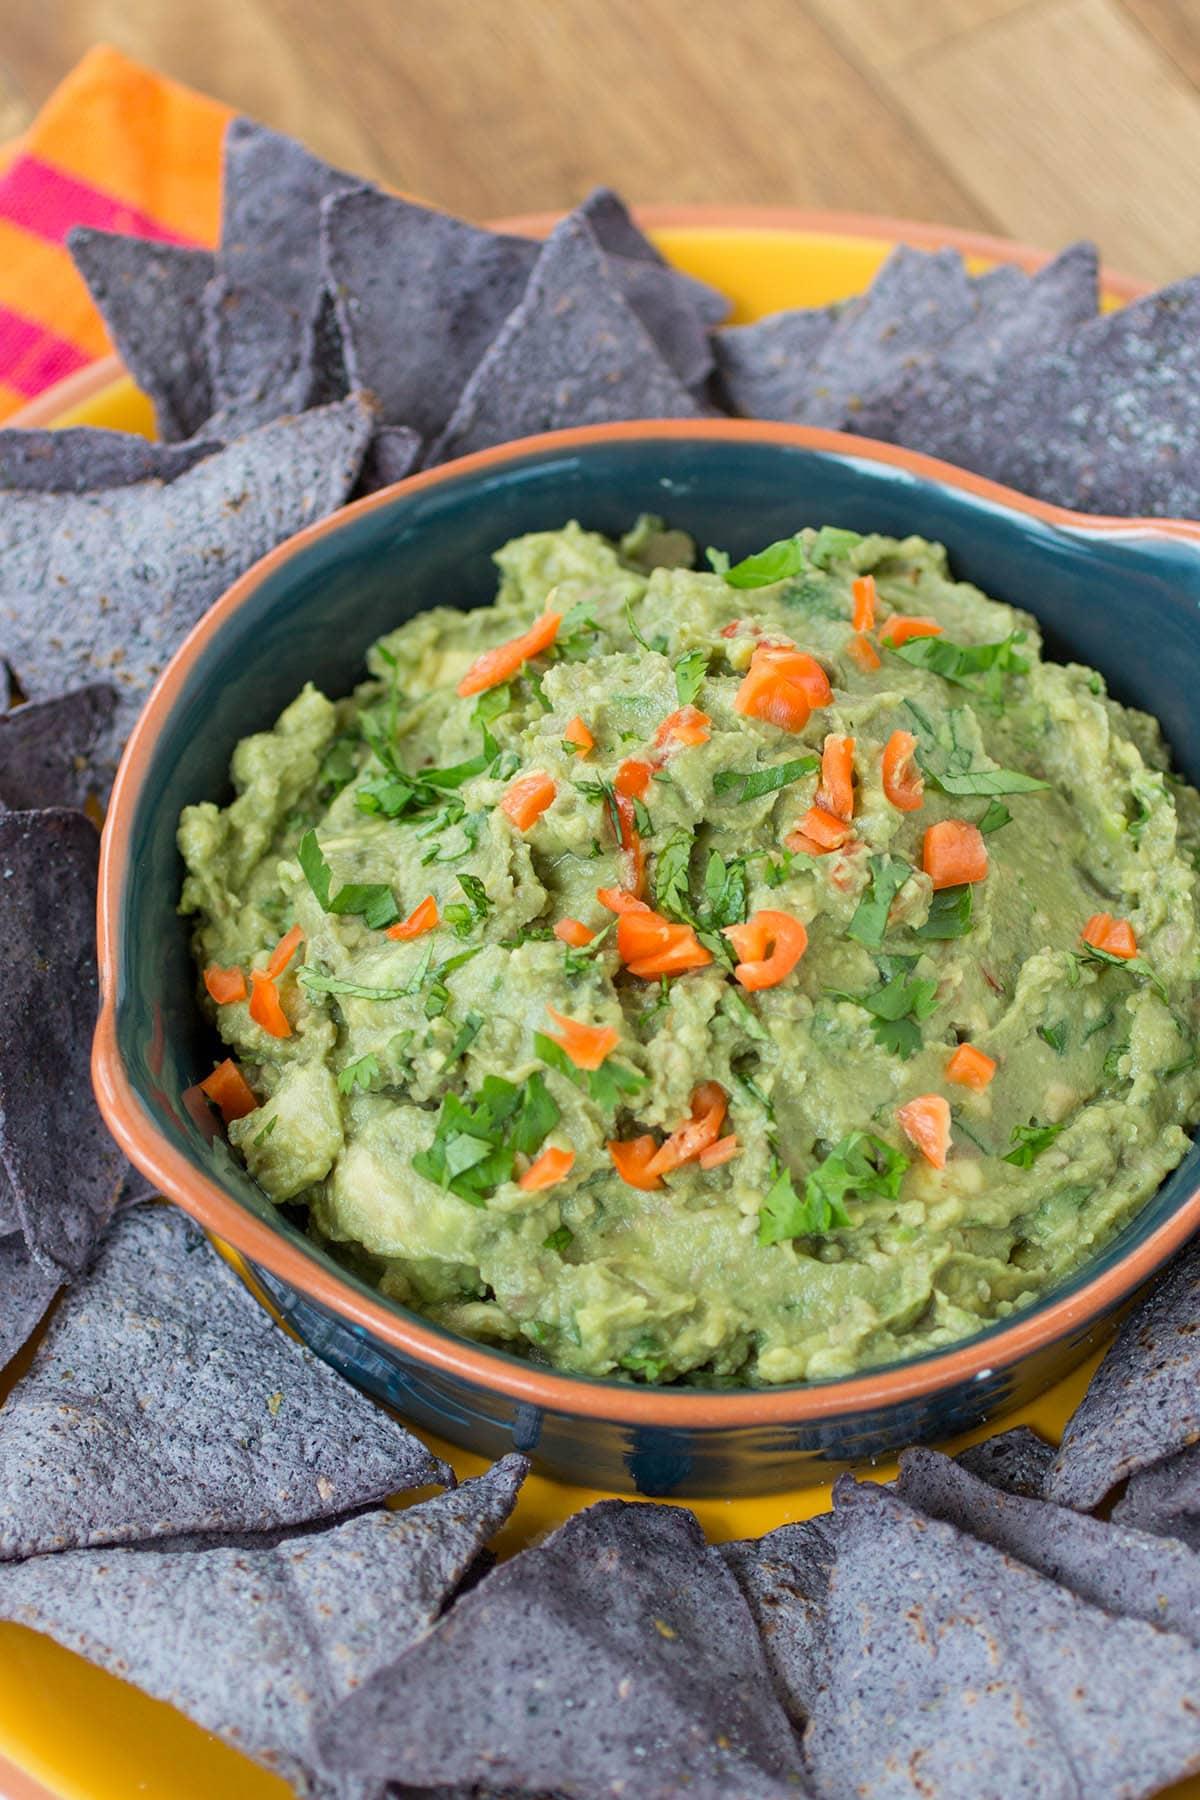 Homemade Spicy Habanero Guacamole